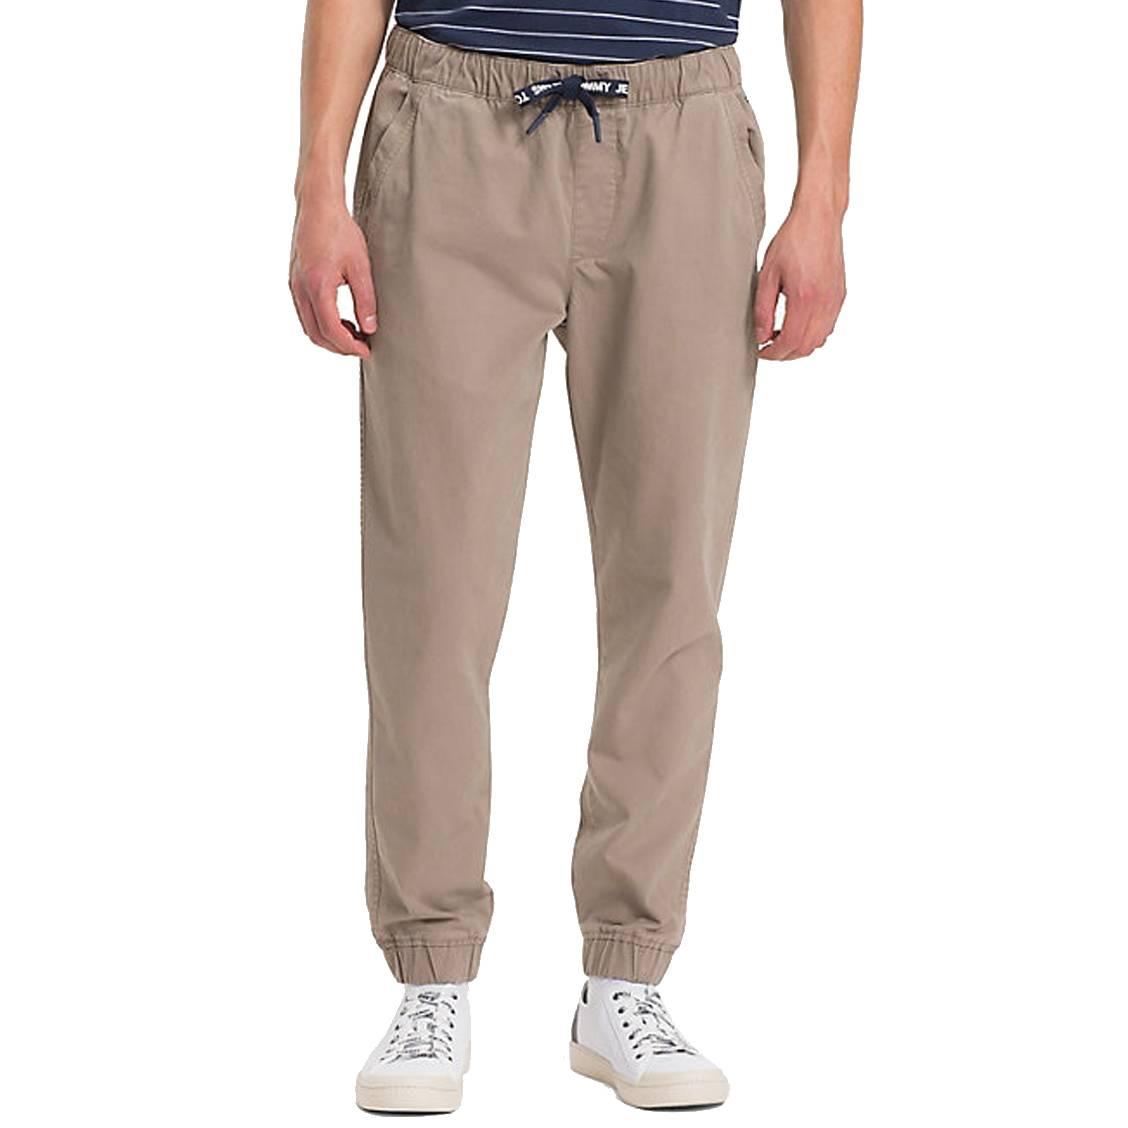 Pantalon de jogging chino Tommy Jeans en coton marron   Rue Des Hommes 210b0506e4d